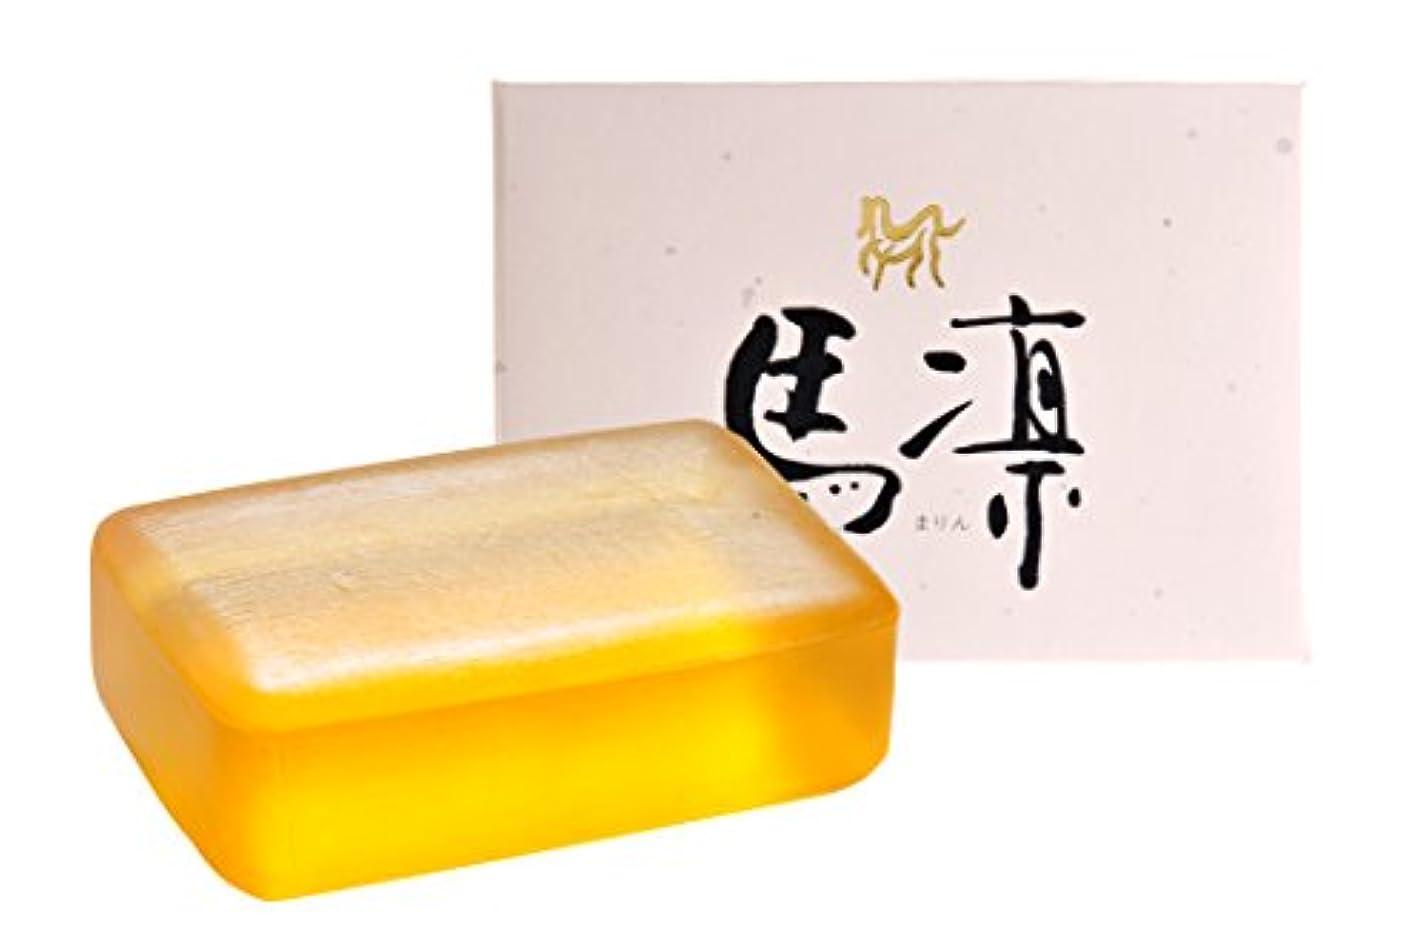 不倫服を片付ける衝動ホウリン 馬凛(まりん) 洗顔石鹸 120g